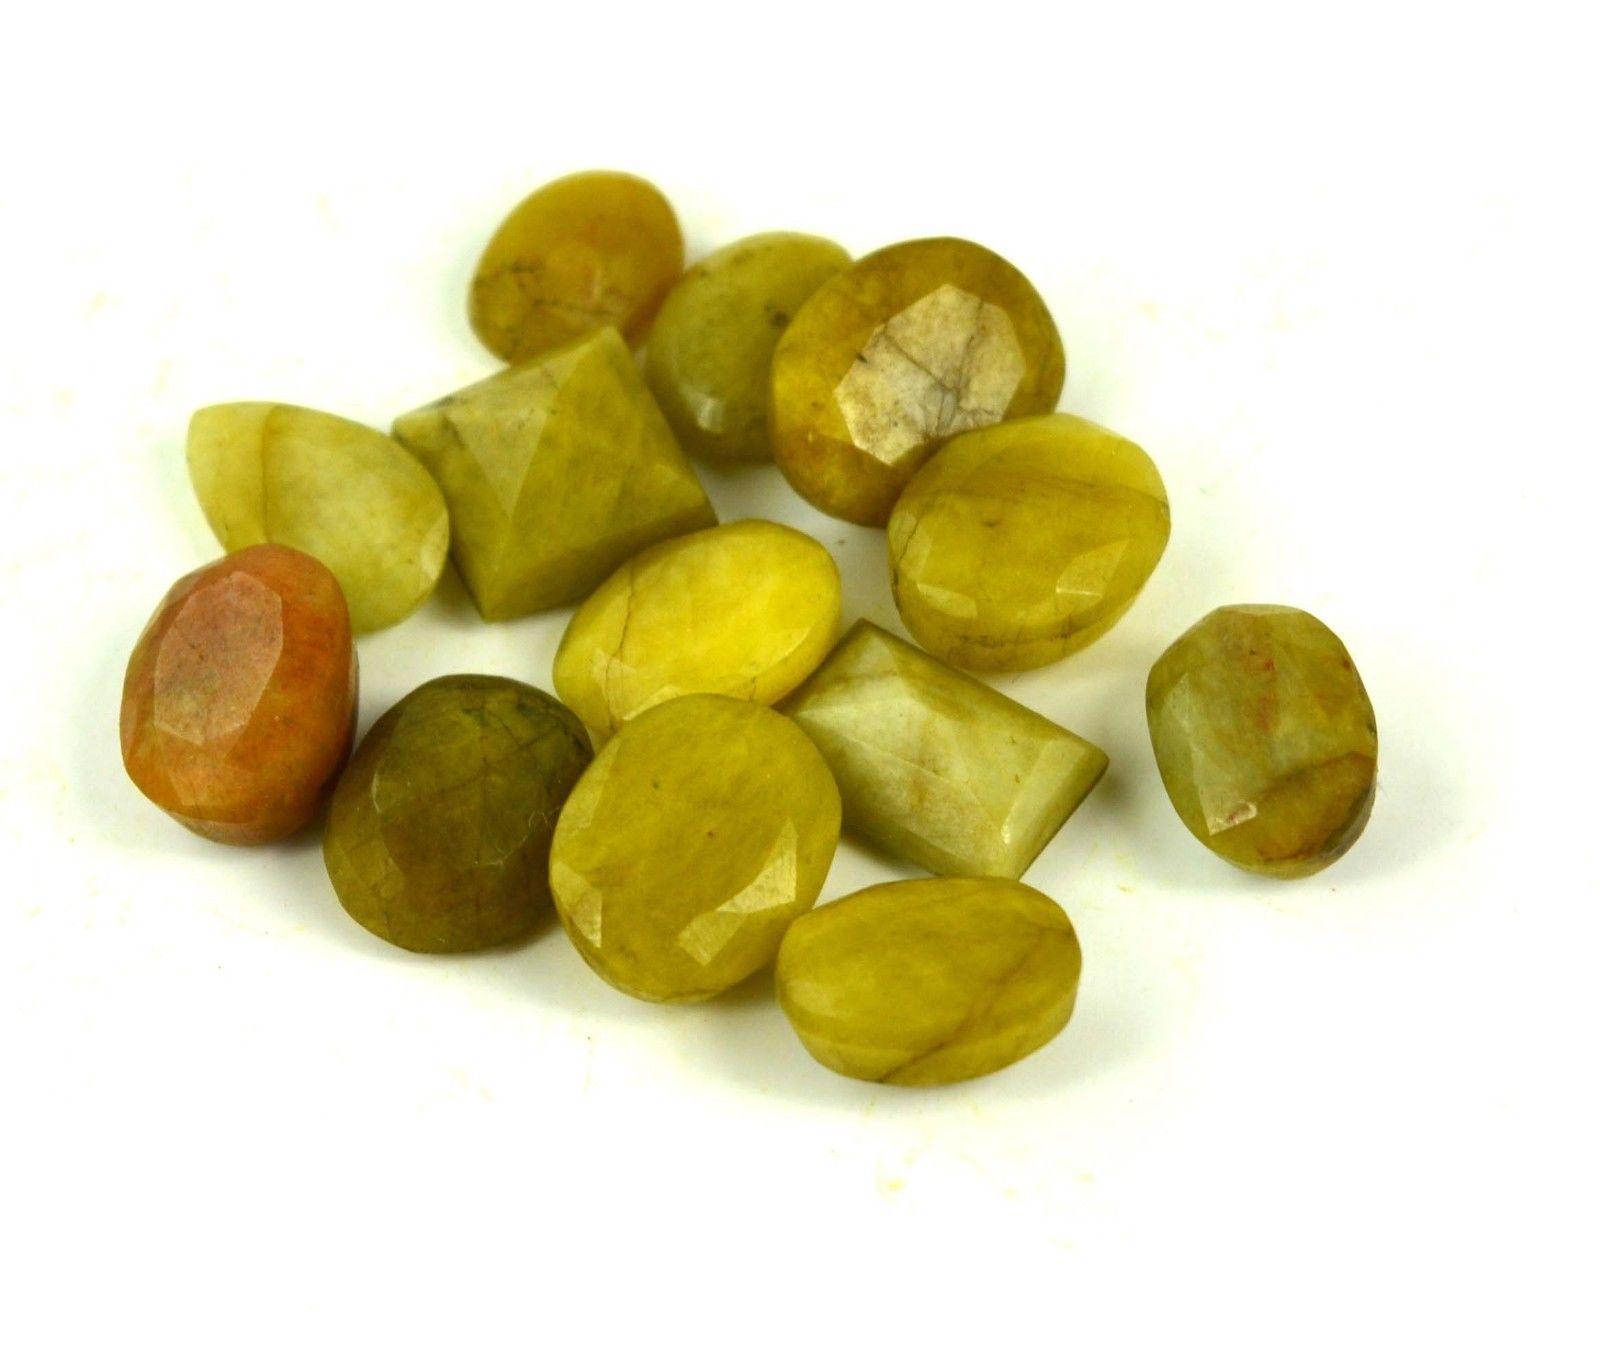 אבן חן: 1 יחידה ספיר צהוב מלוטש לשיבוץ (ברזיל)